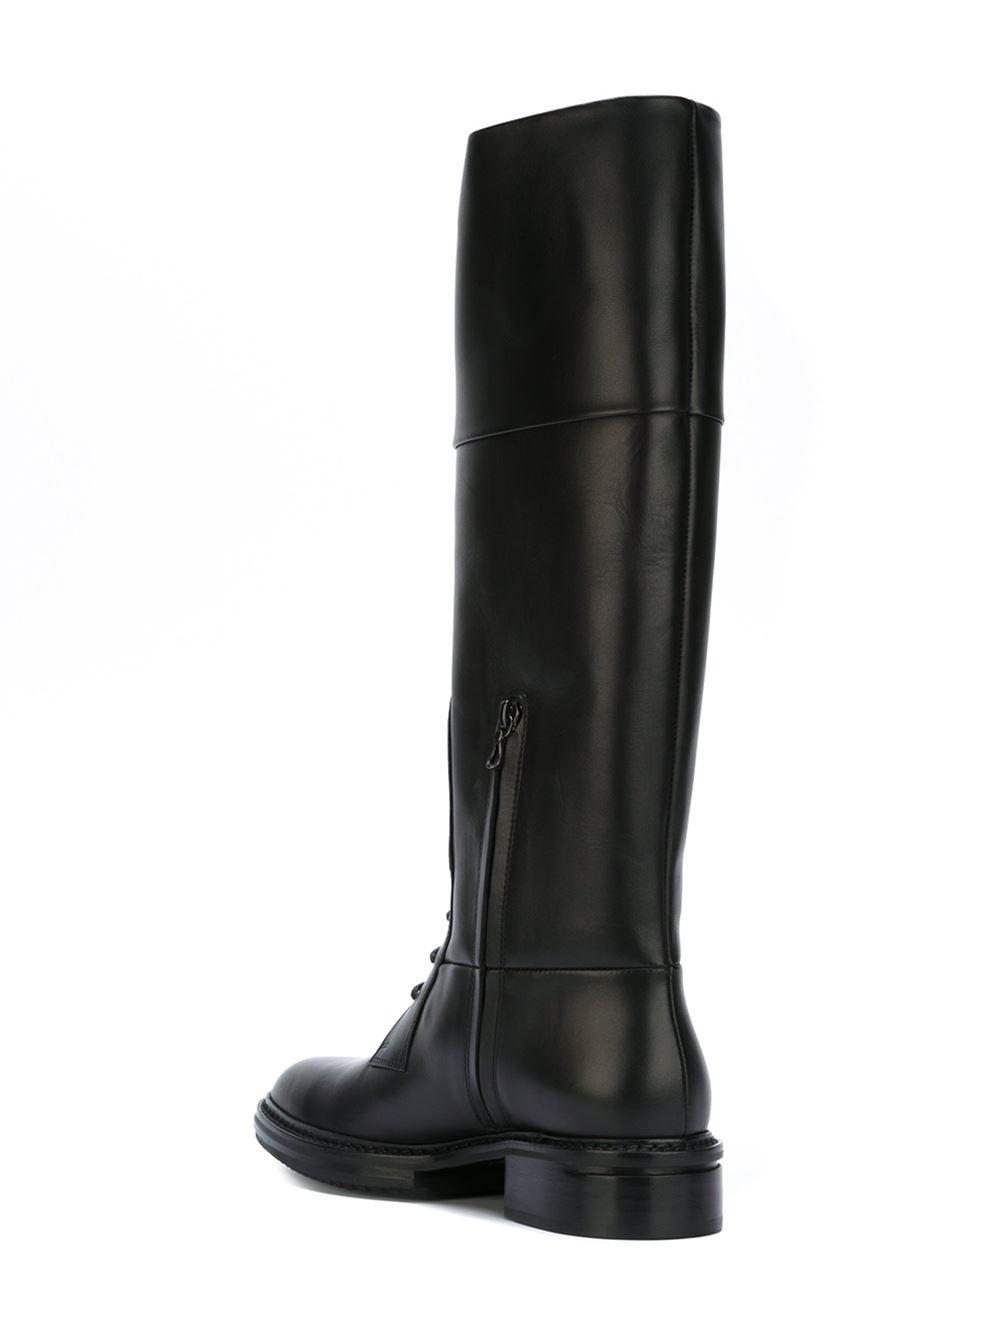 Сапоги Lanvin 38.5 размера черного цвета